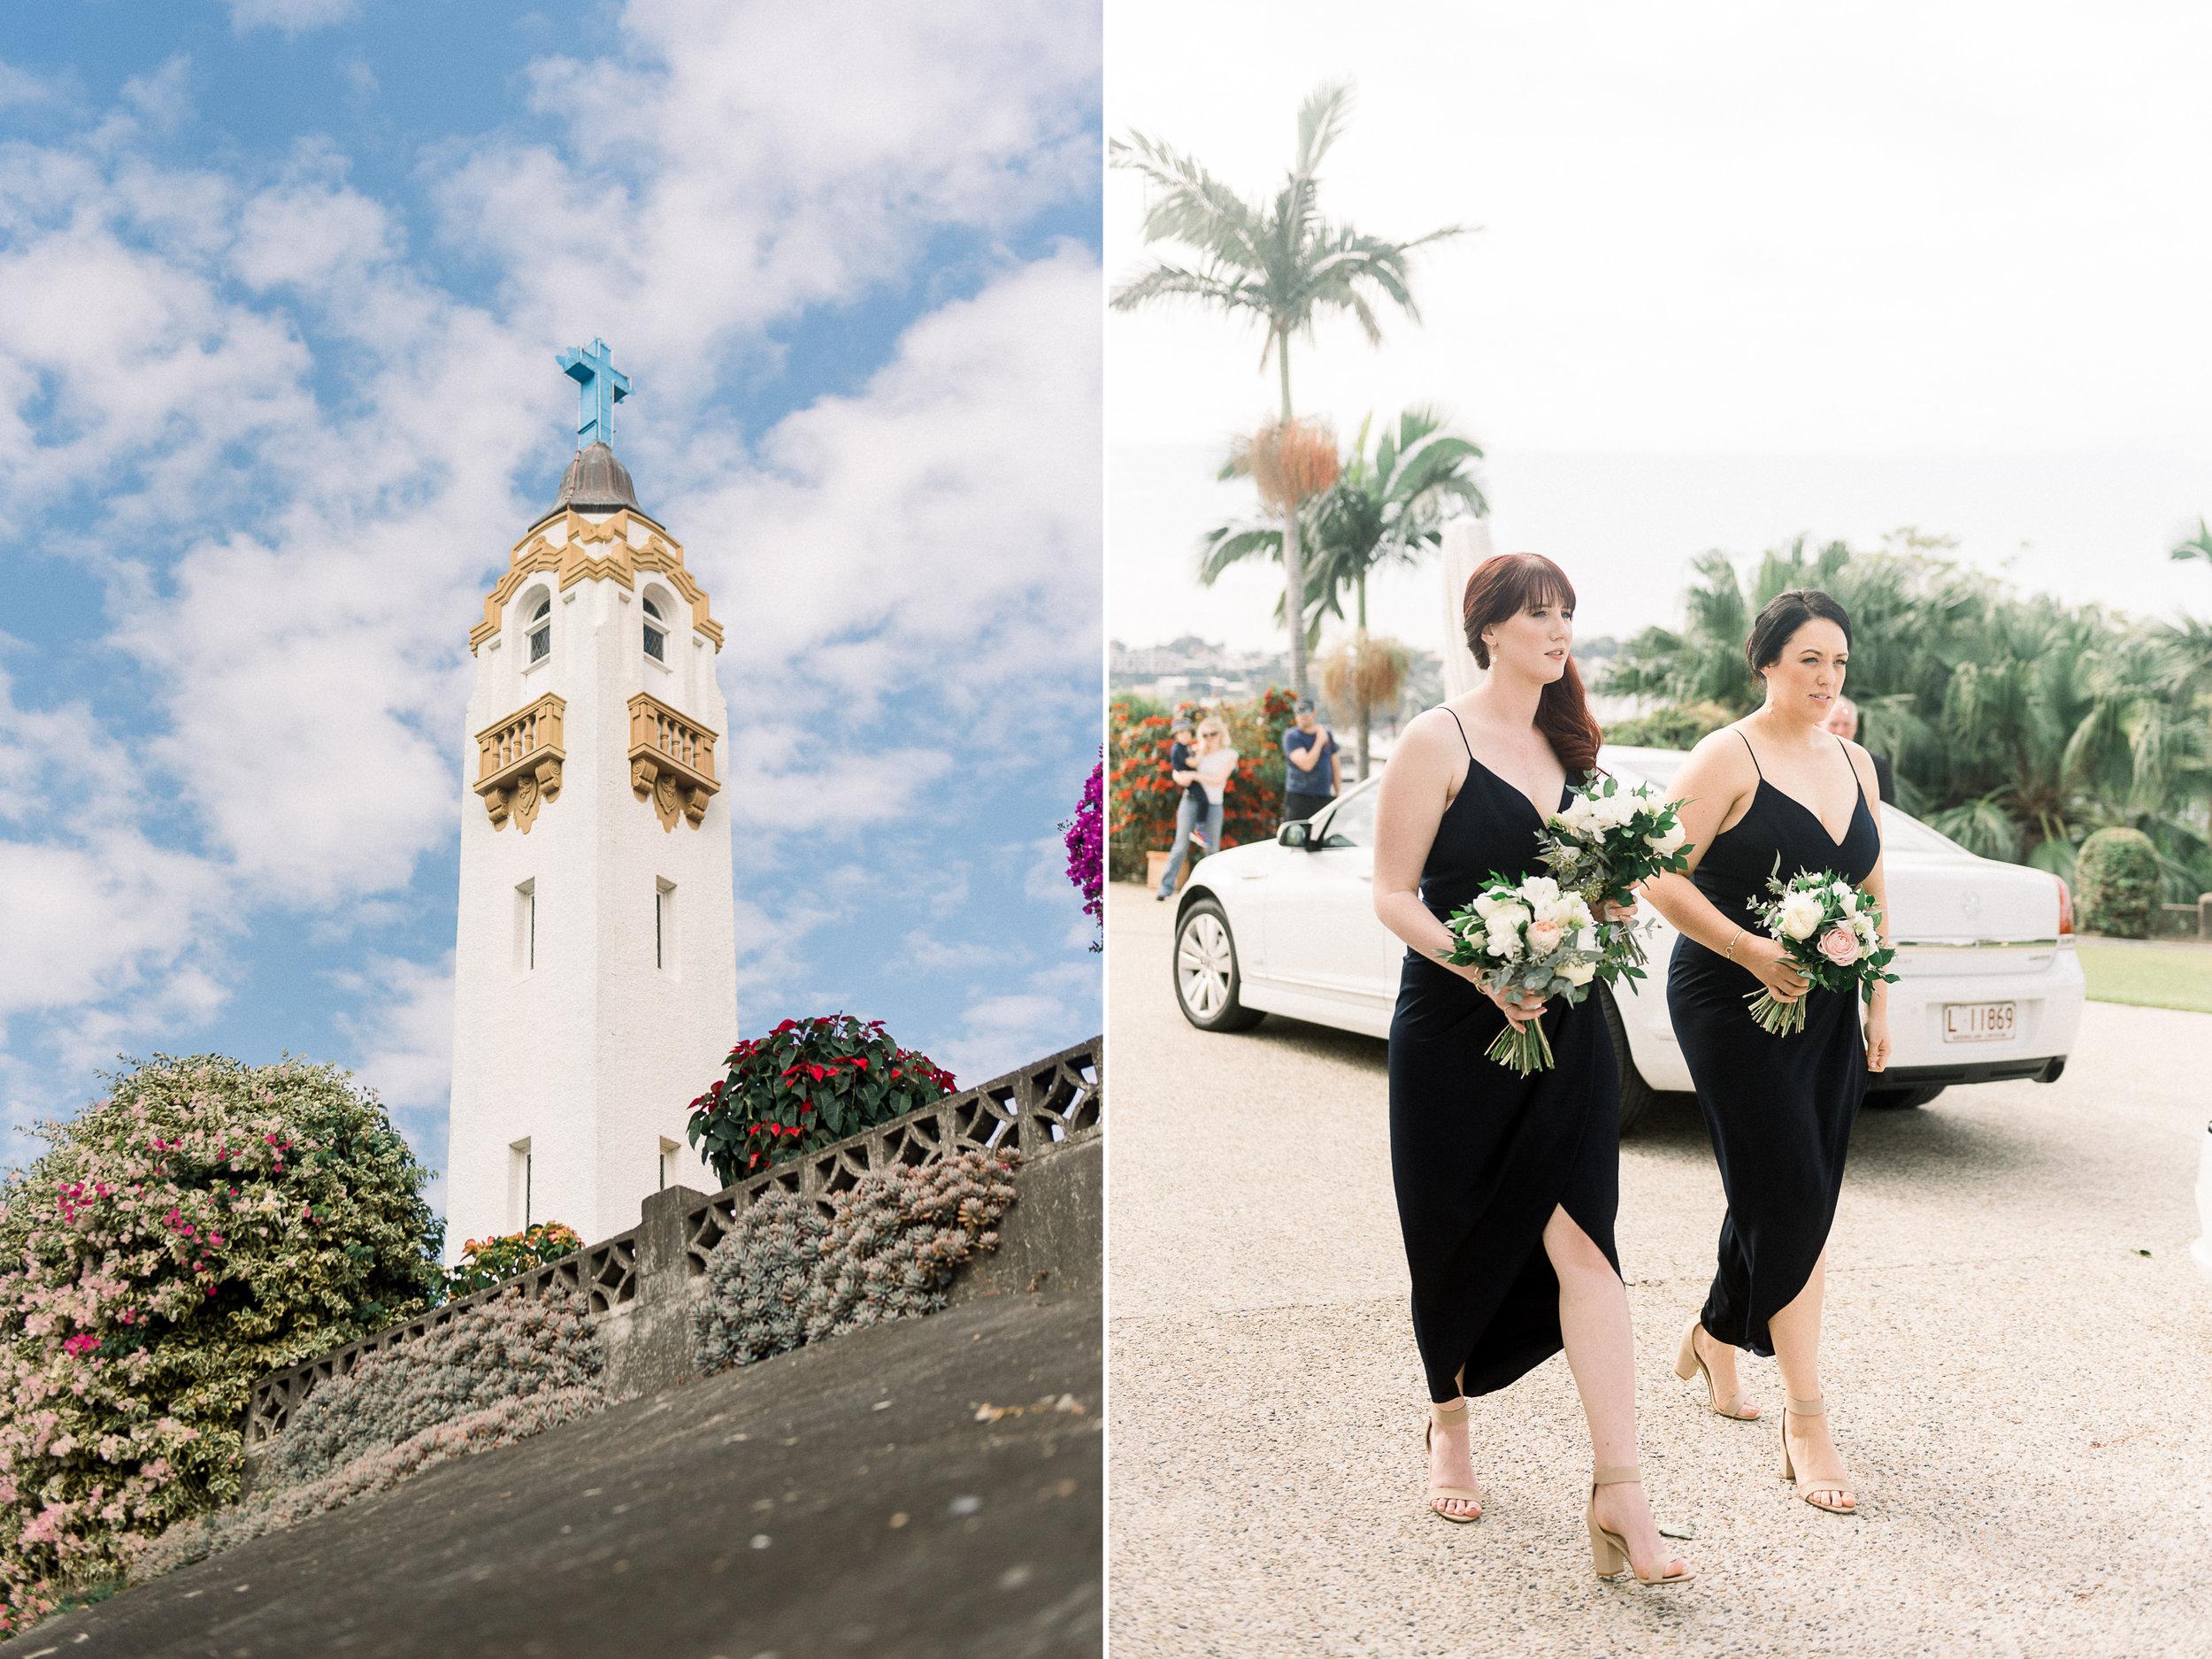 brisbane-city-wedding-church-wedding-1.jpg